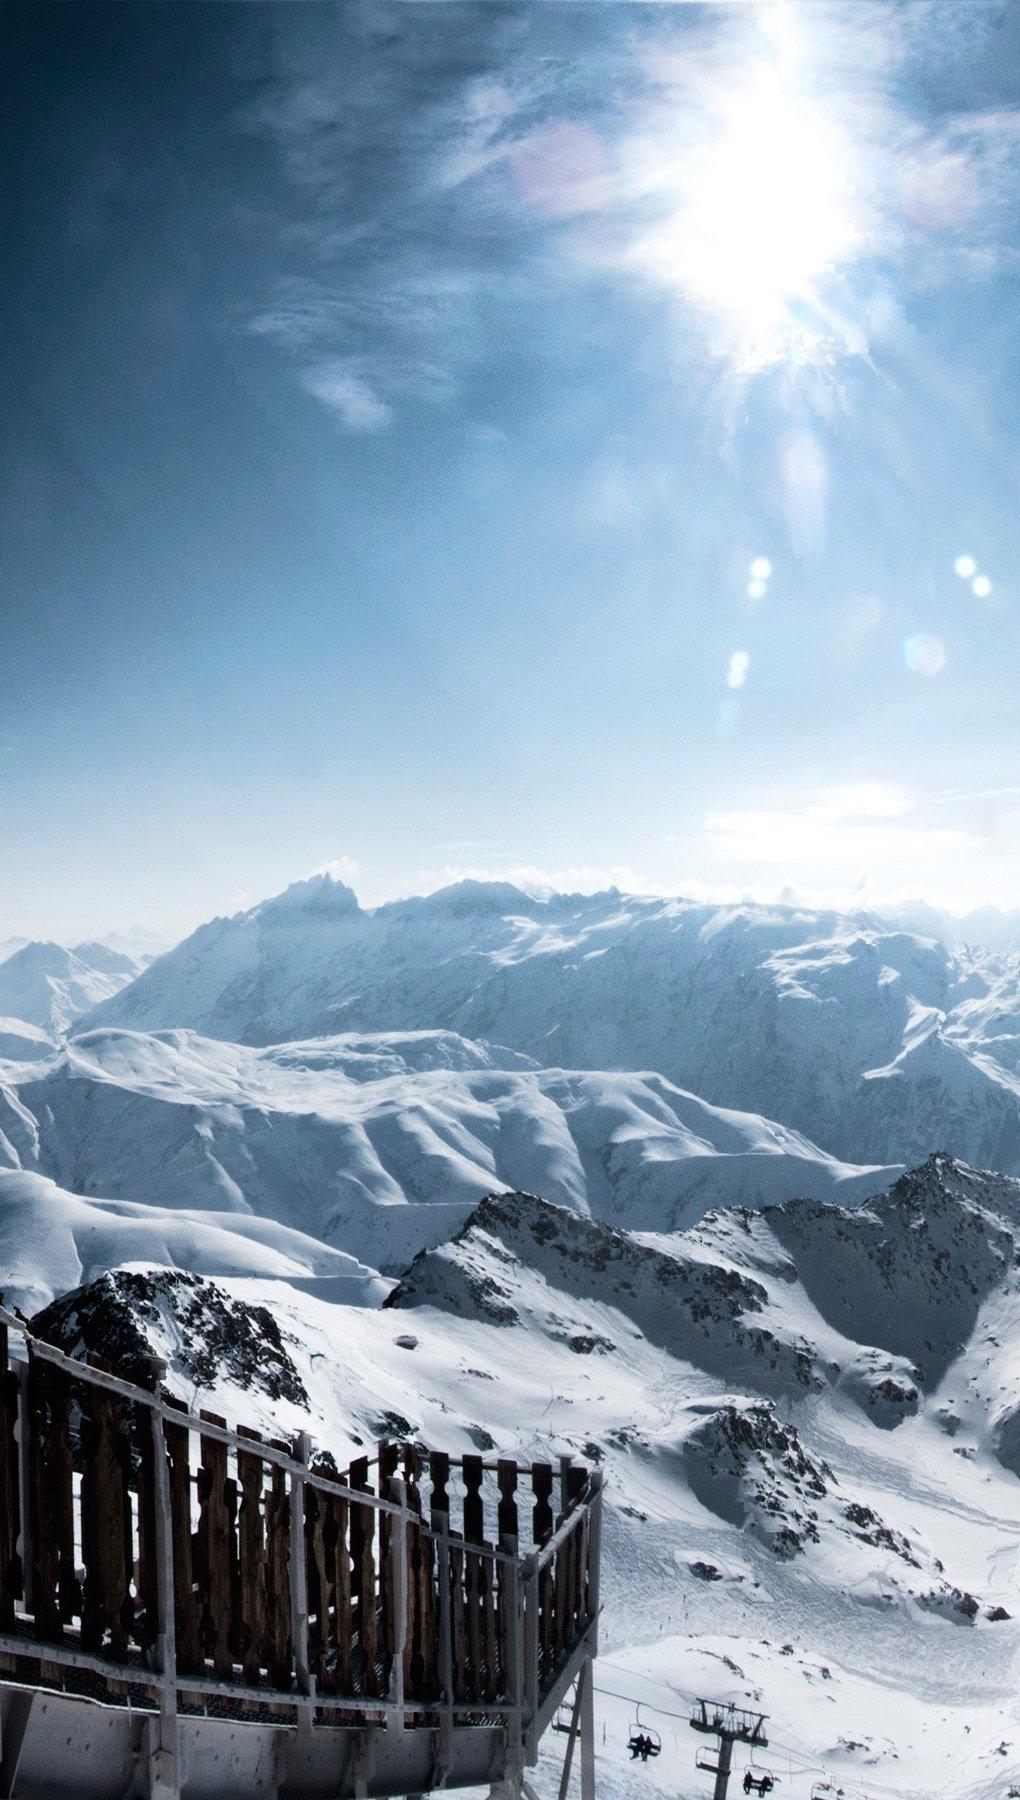 Fondos de pantalla Alpes con nieve Vertical